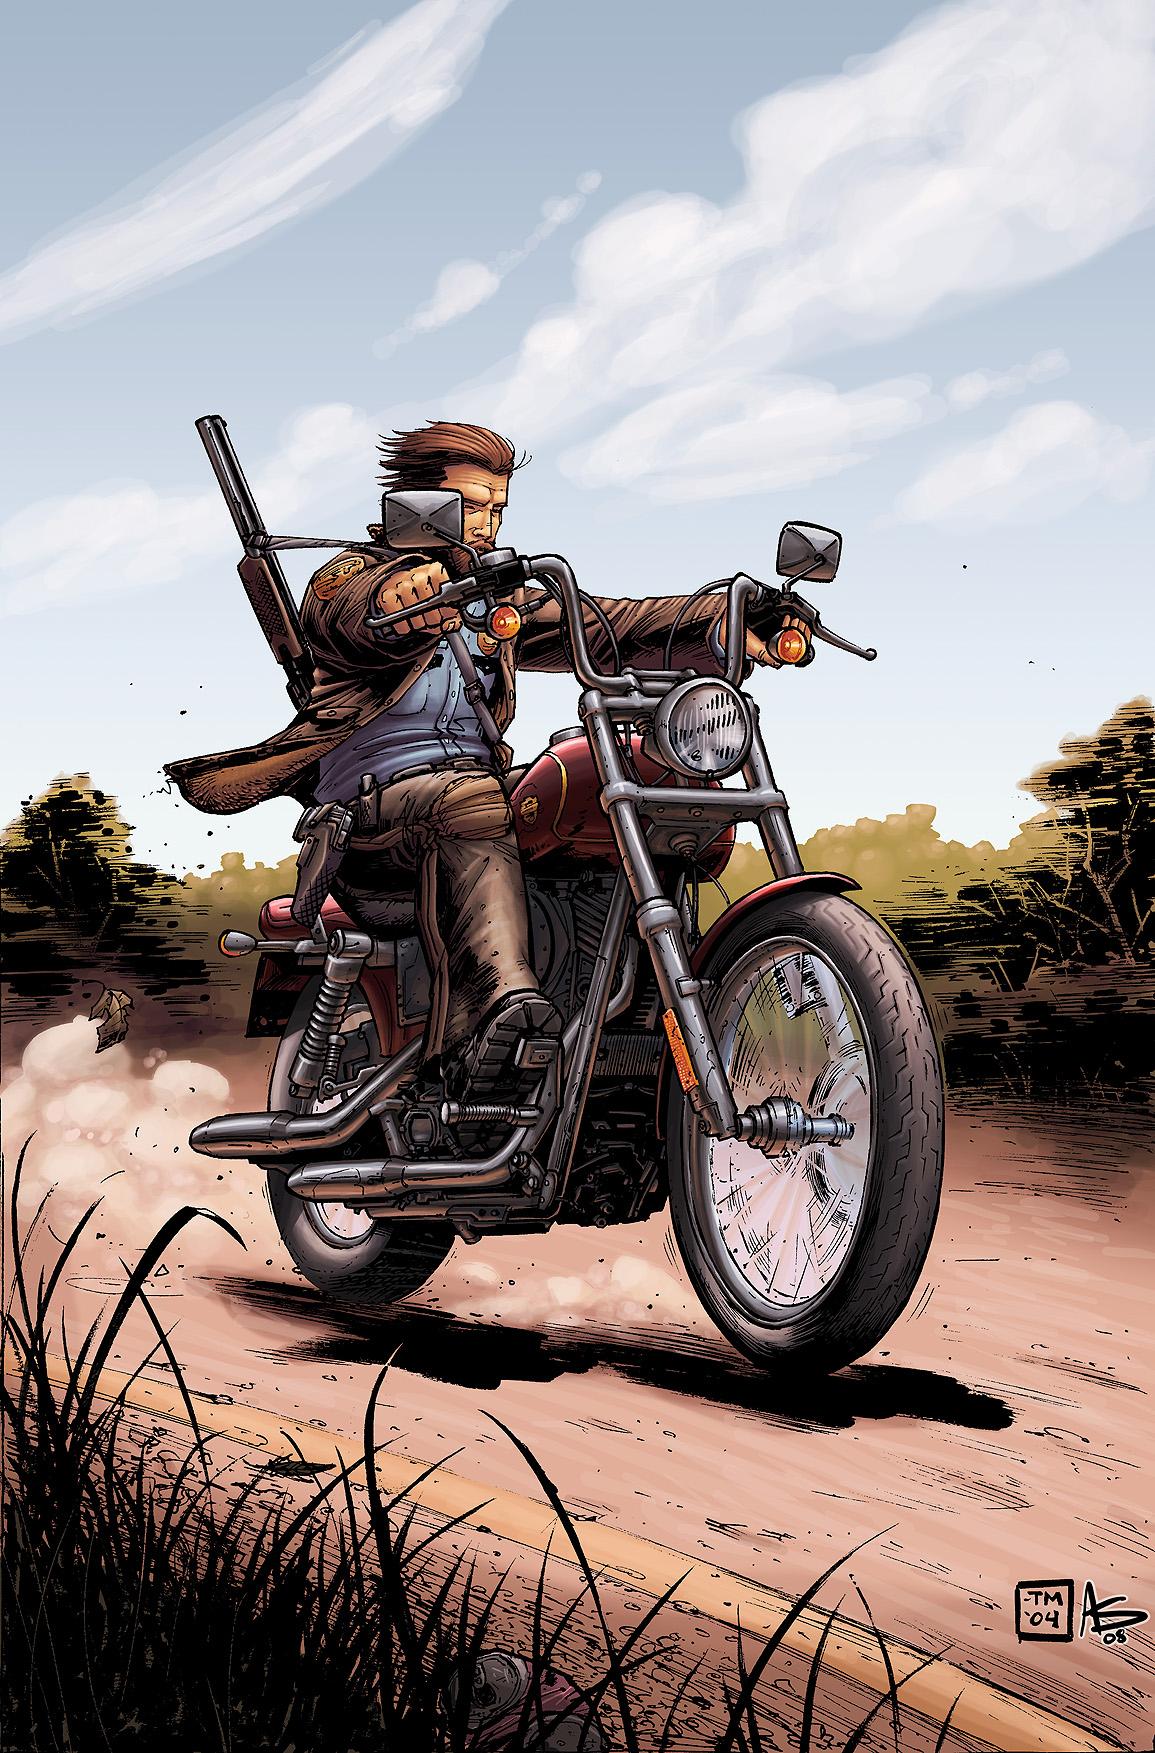 Walking Dead by Alex Sollazzo